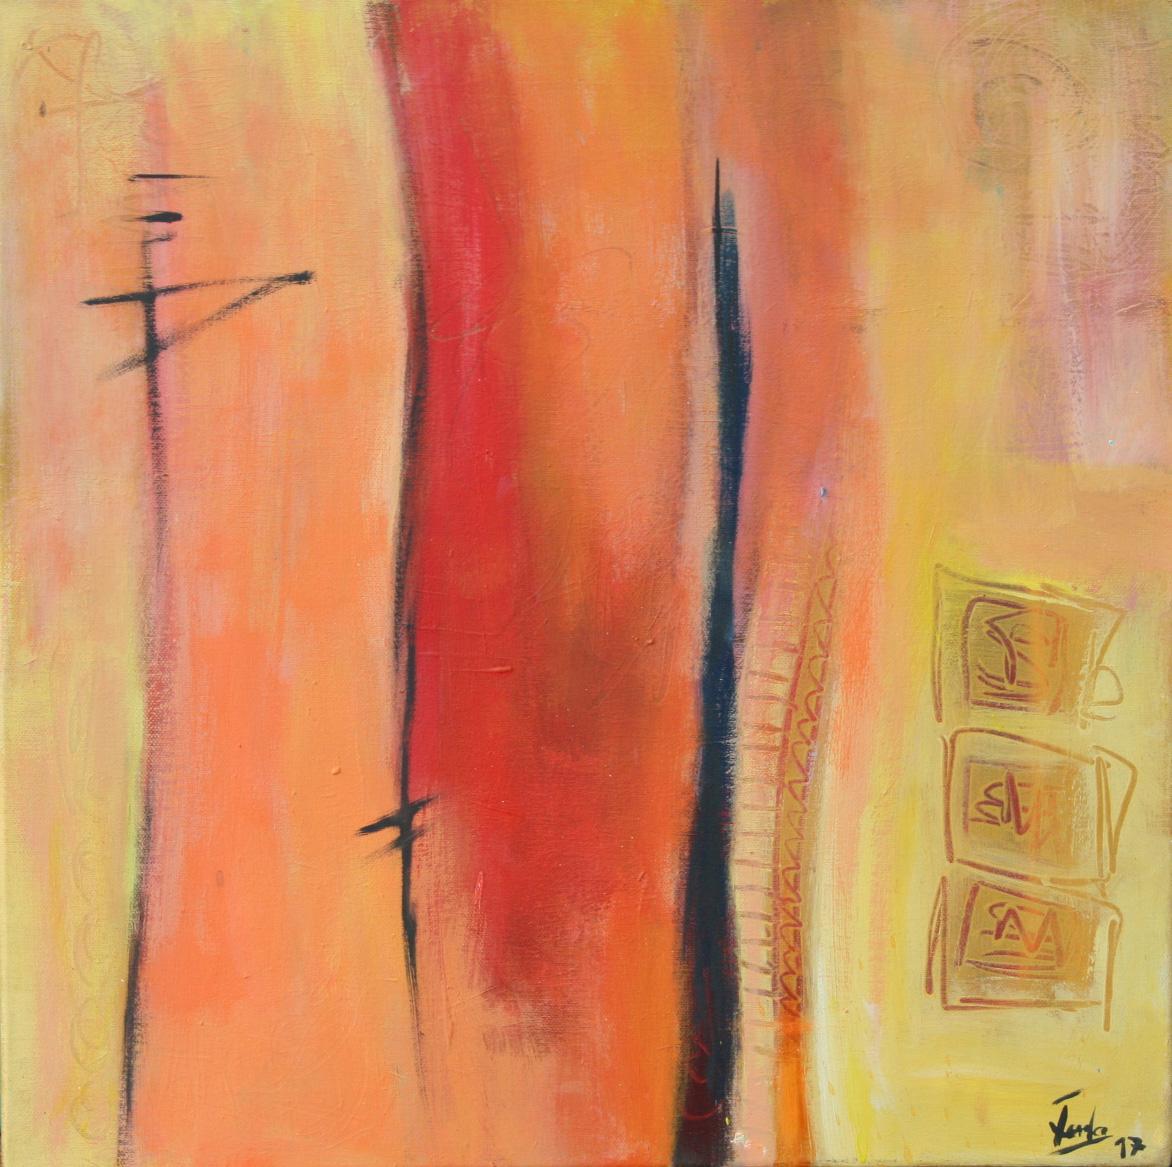 Ein Hauch von Orient III, Öl und Acryl auf Leinwand, 50 x 50 cm